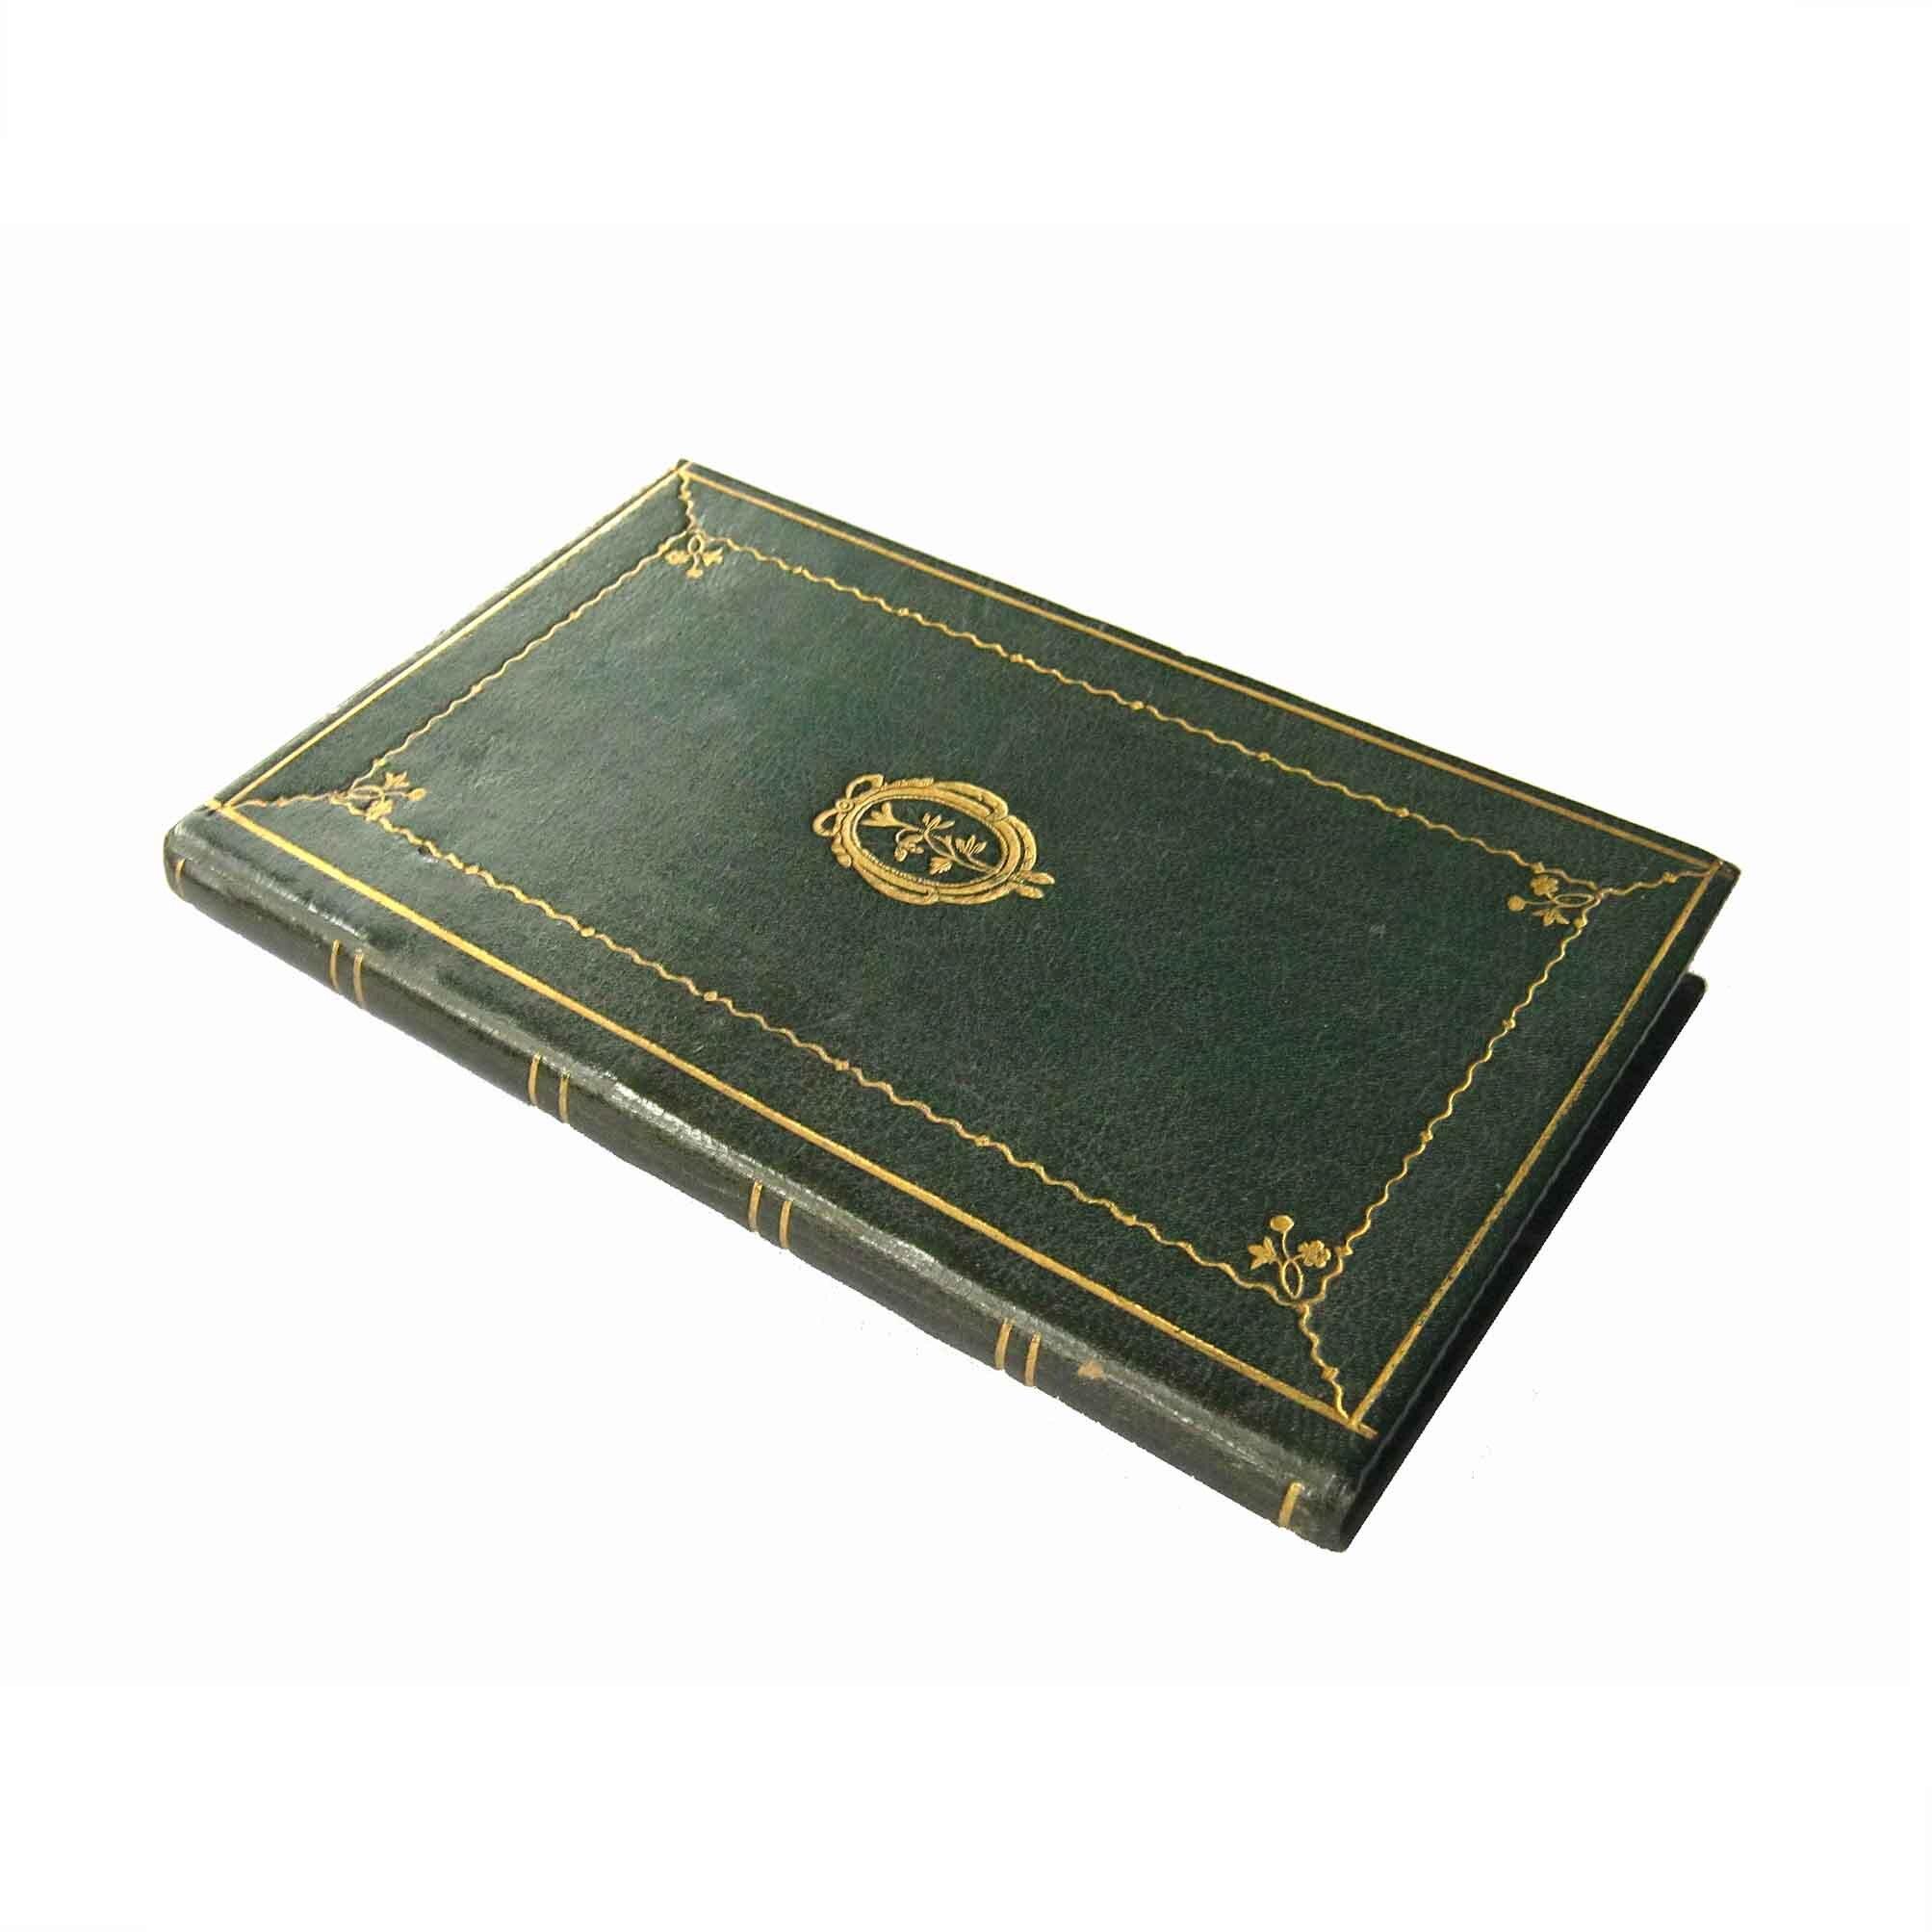 5630 Denkschrift Tugendfreunde 1792 Einband frei N